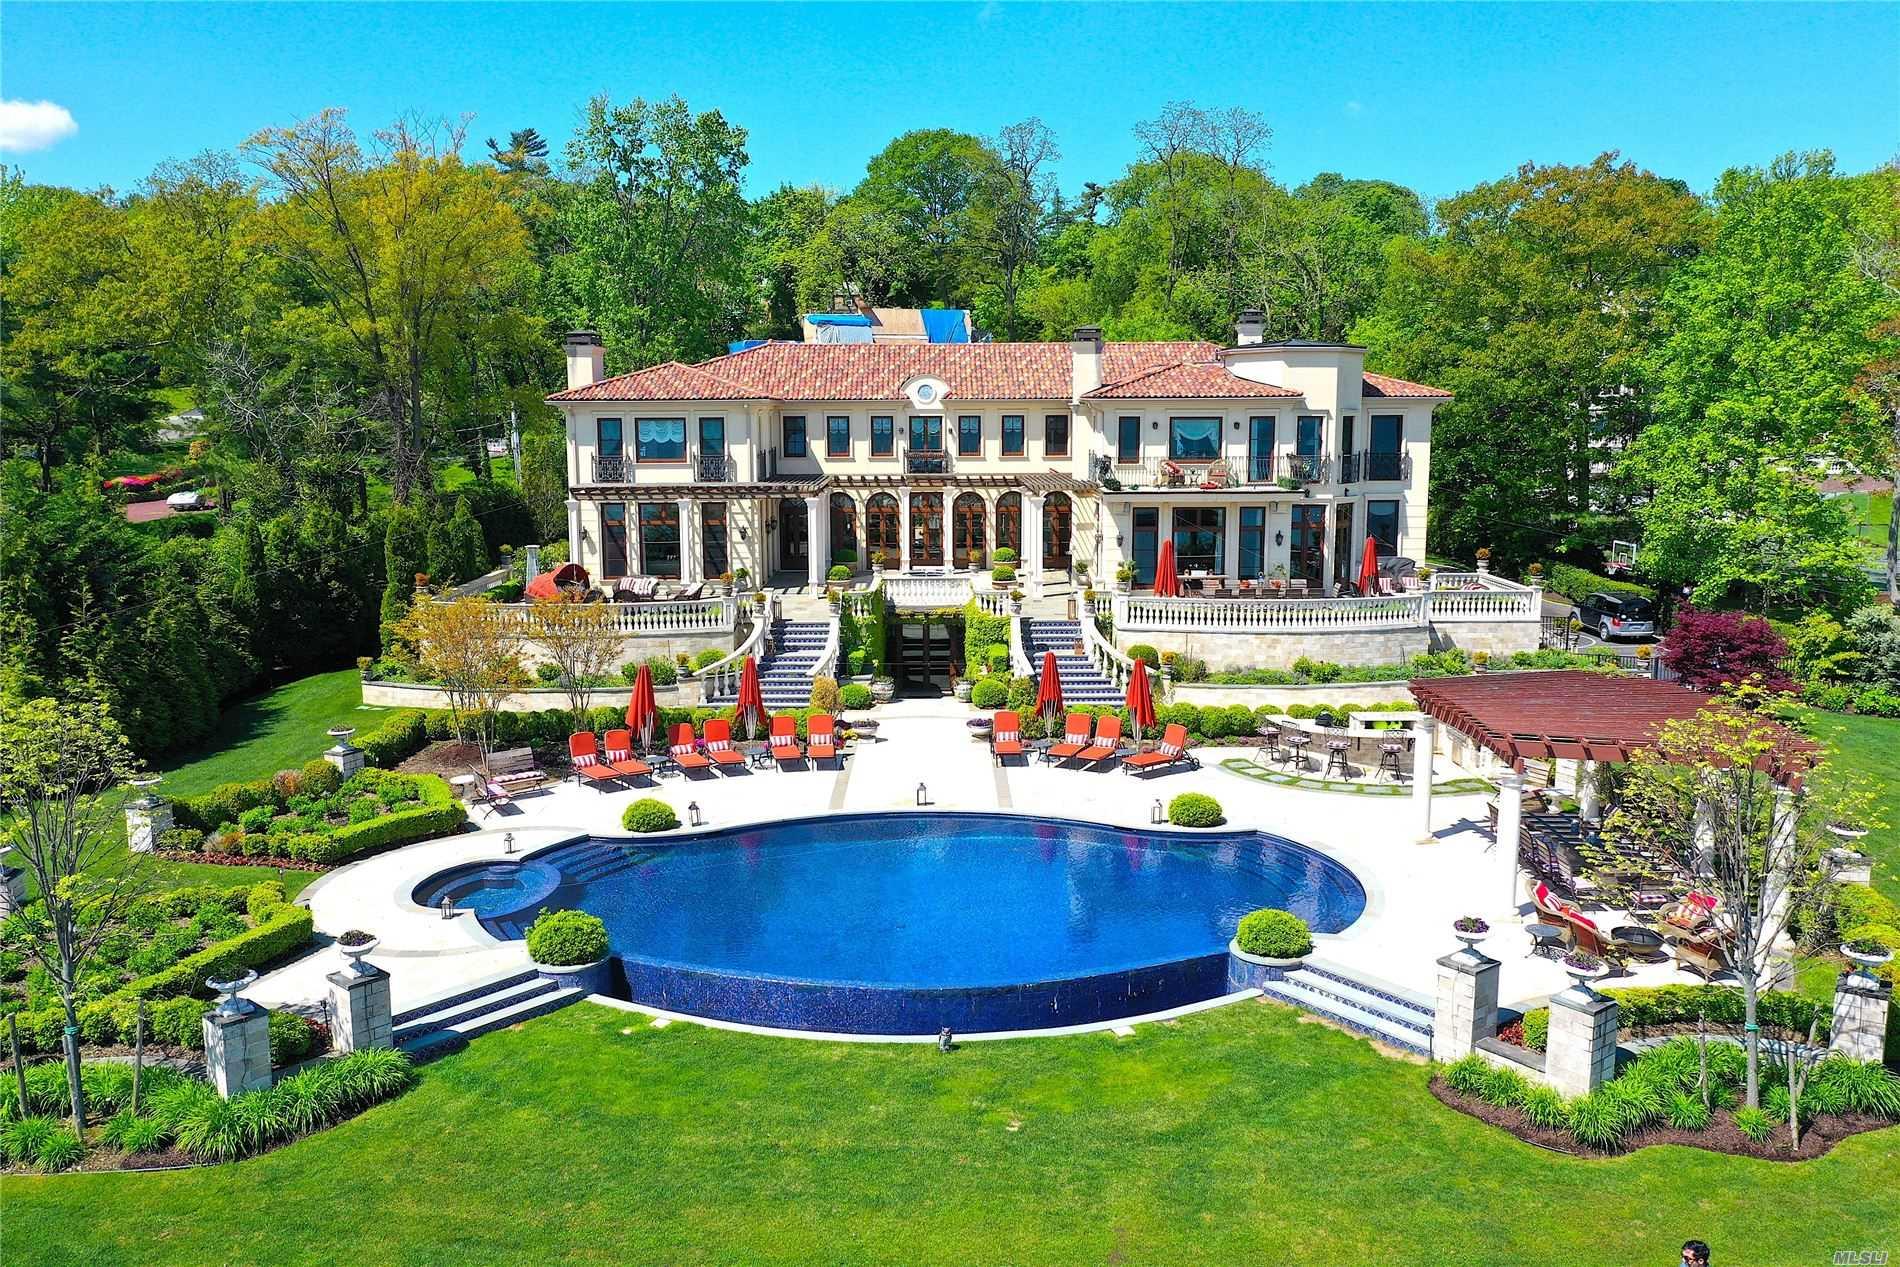 Photo of Villa Forte Way, Great Neck NY 11024, Great Neck, NY 11024